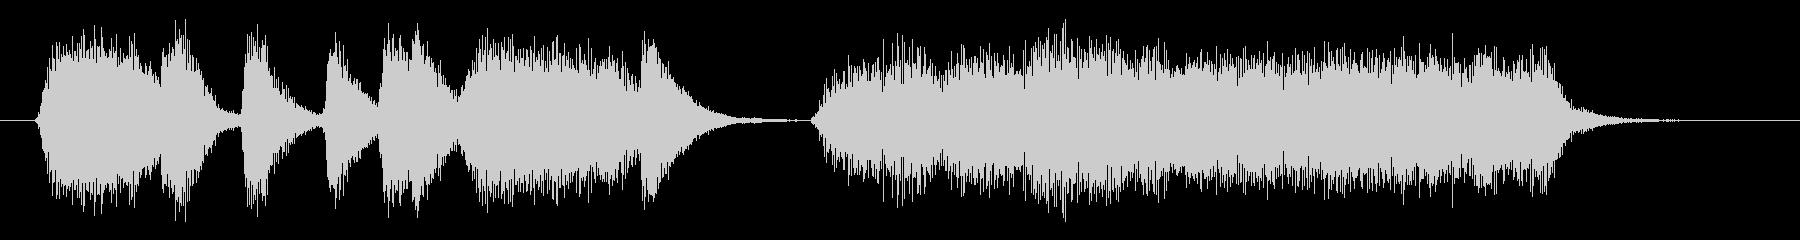 ジャズ トロンボーンのフレーズの未再生の波形